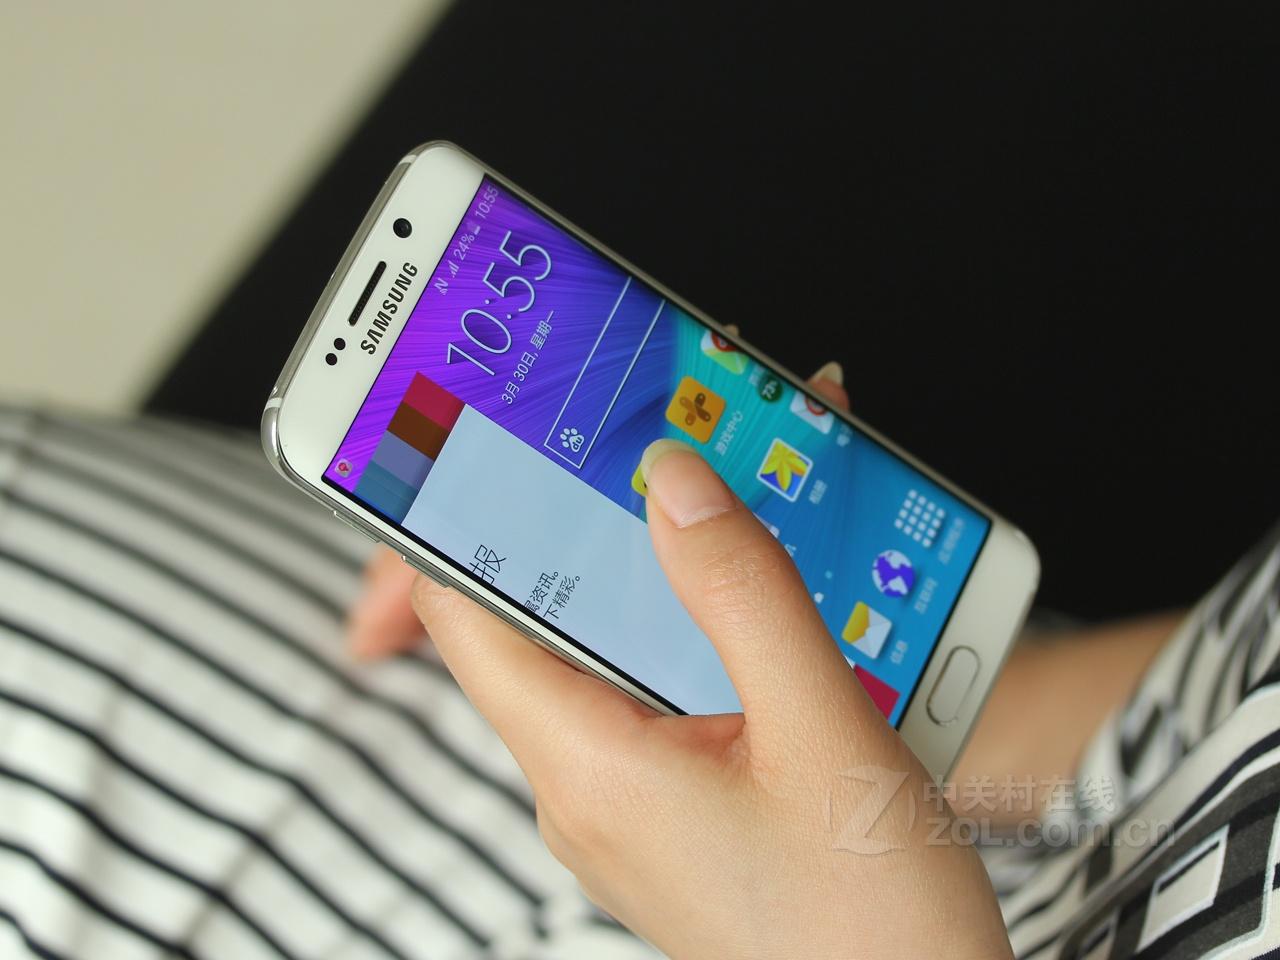 三星S6 Edge 三星正面配备有一块5.1英寸的dual edge Super AMOLED魔焕炫屏,分辨率达到Quad HD级别的25601440像素。核心方面,该机内置主频2.1GHz三星Exynos7420猎户座双四核处理器,采用64位指令集,运行内存3GB RAM,内部存储空间为32GB/64GB/128GB ROM三档,可流畅运行Android5.